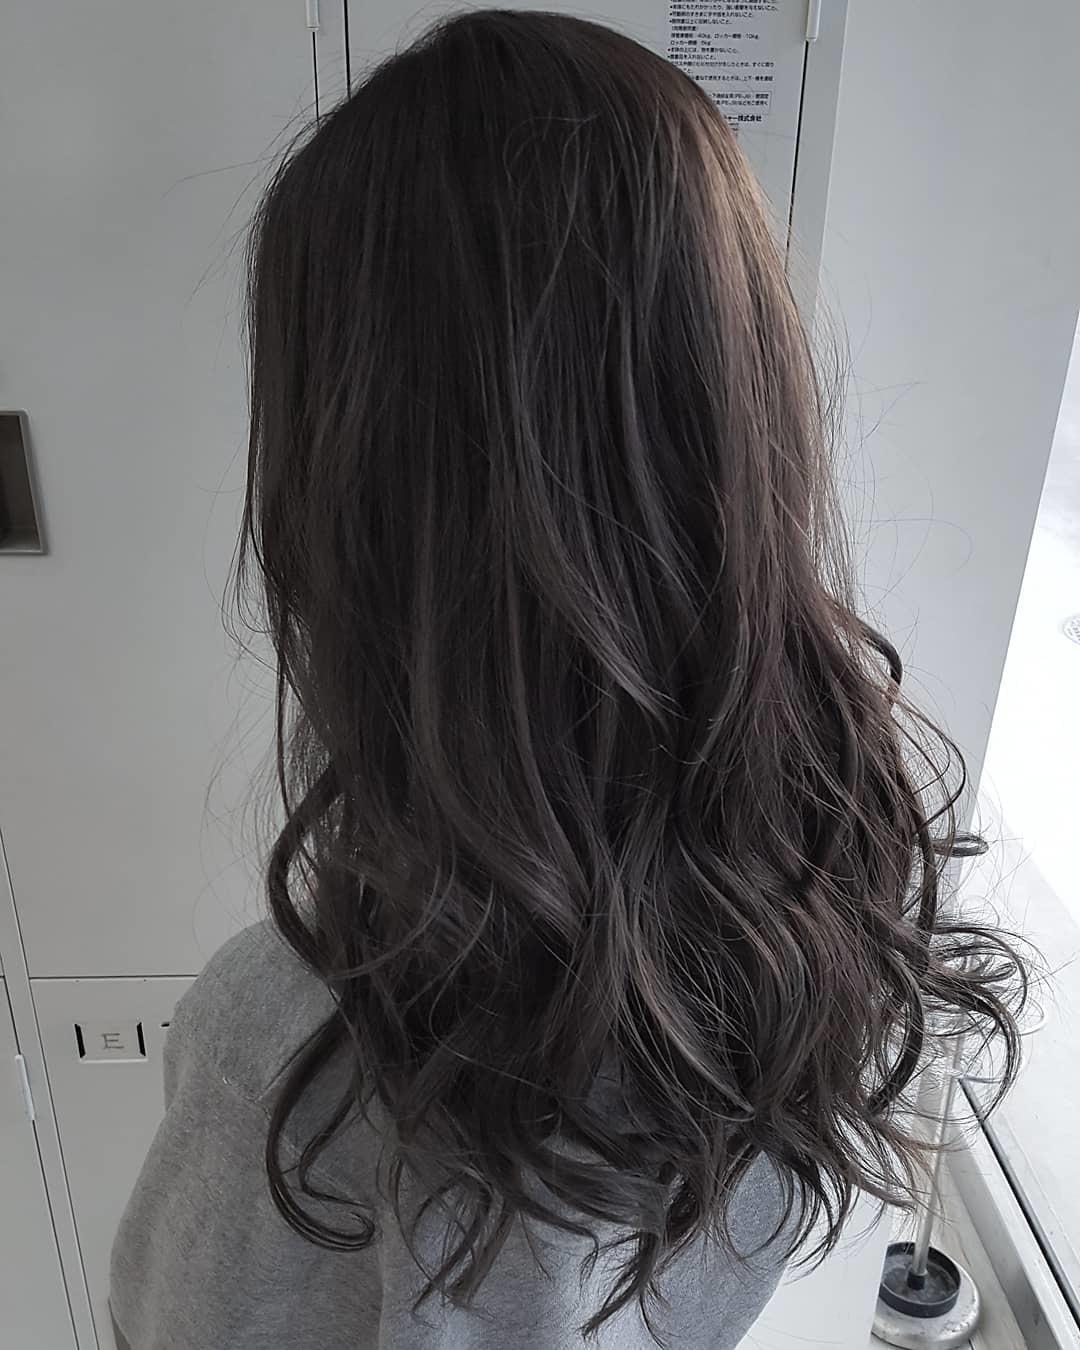 ボーダーヘア[BORDER HAIR]が投稿した画像